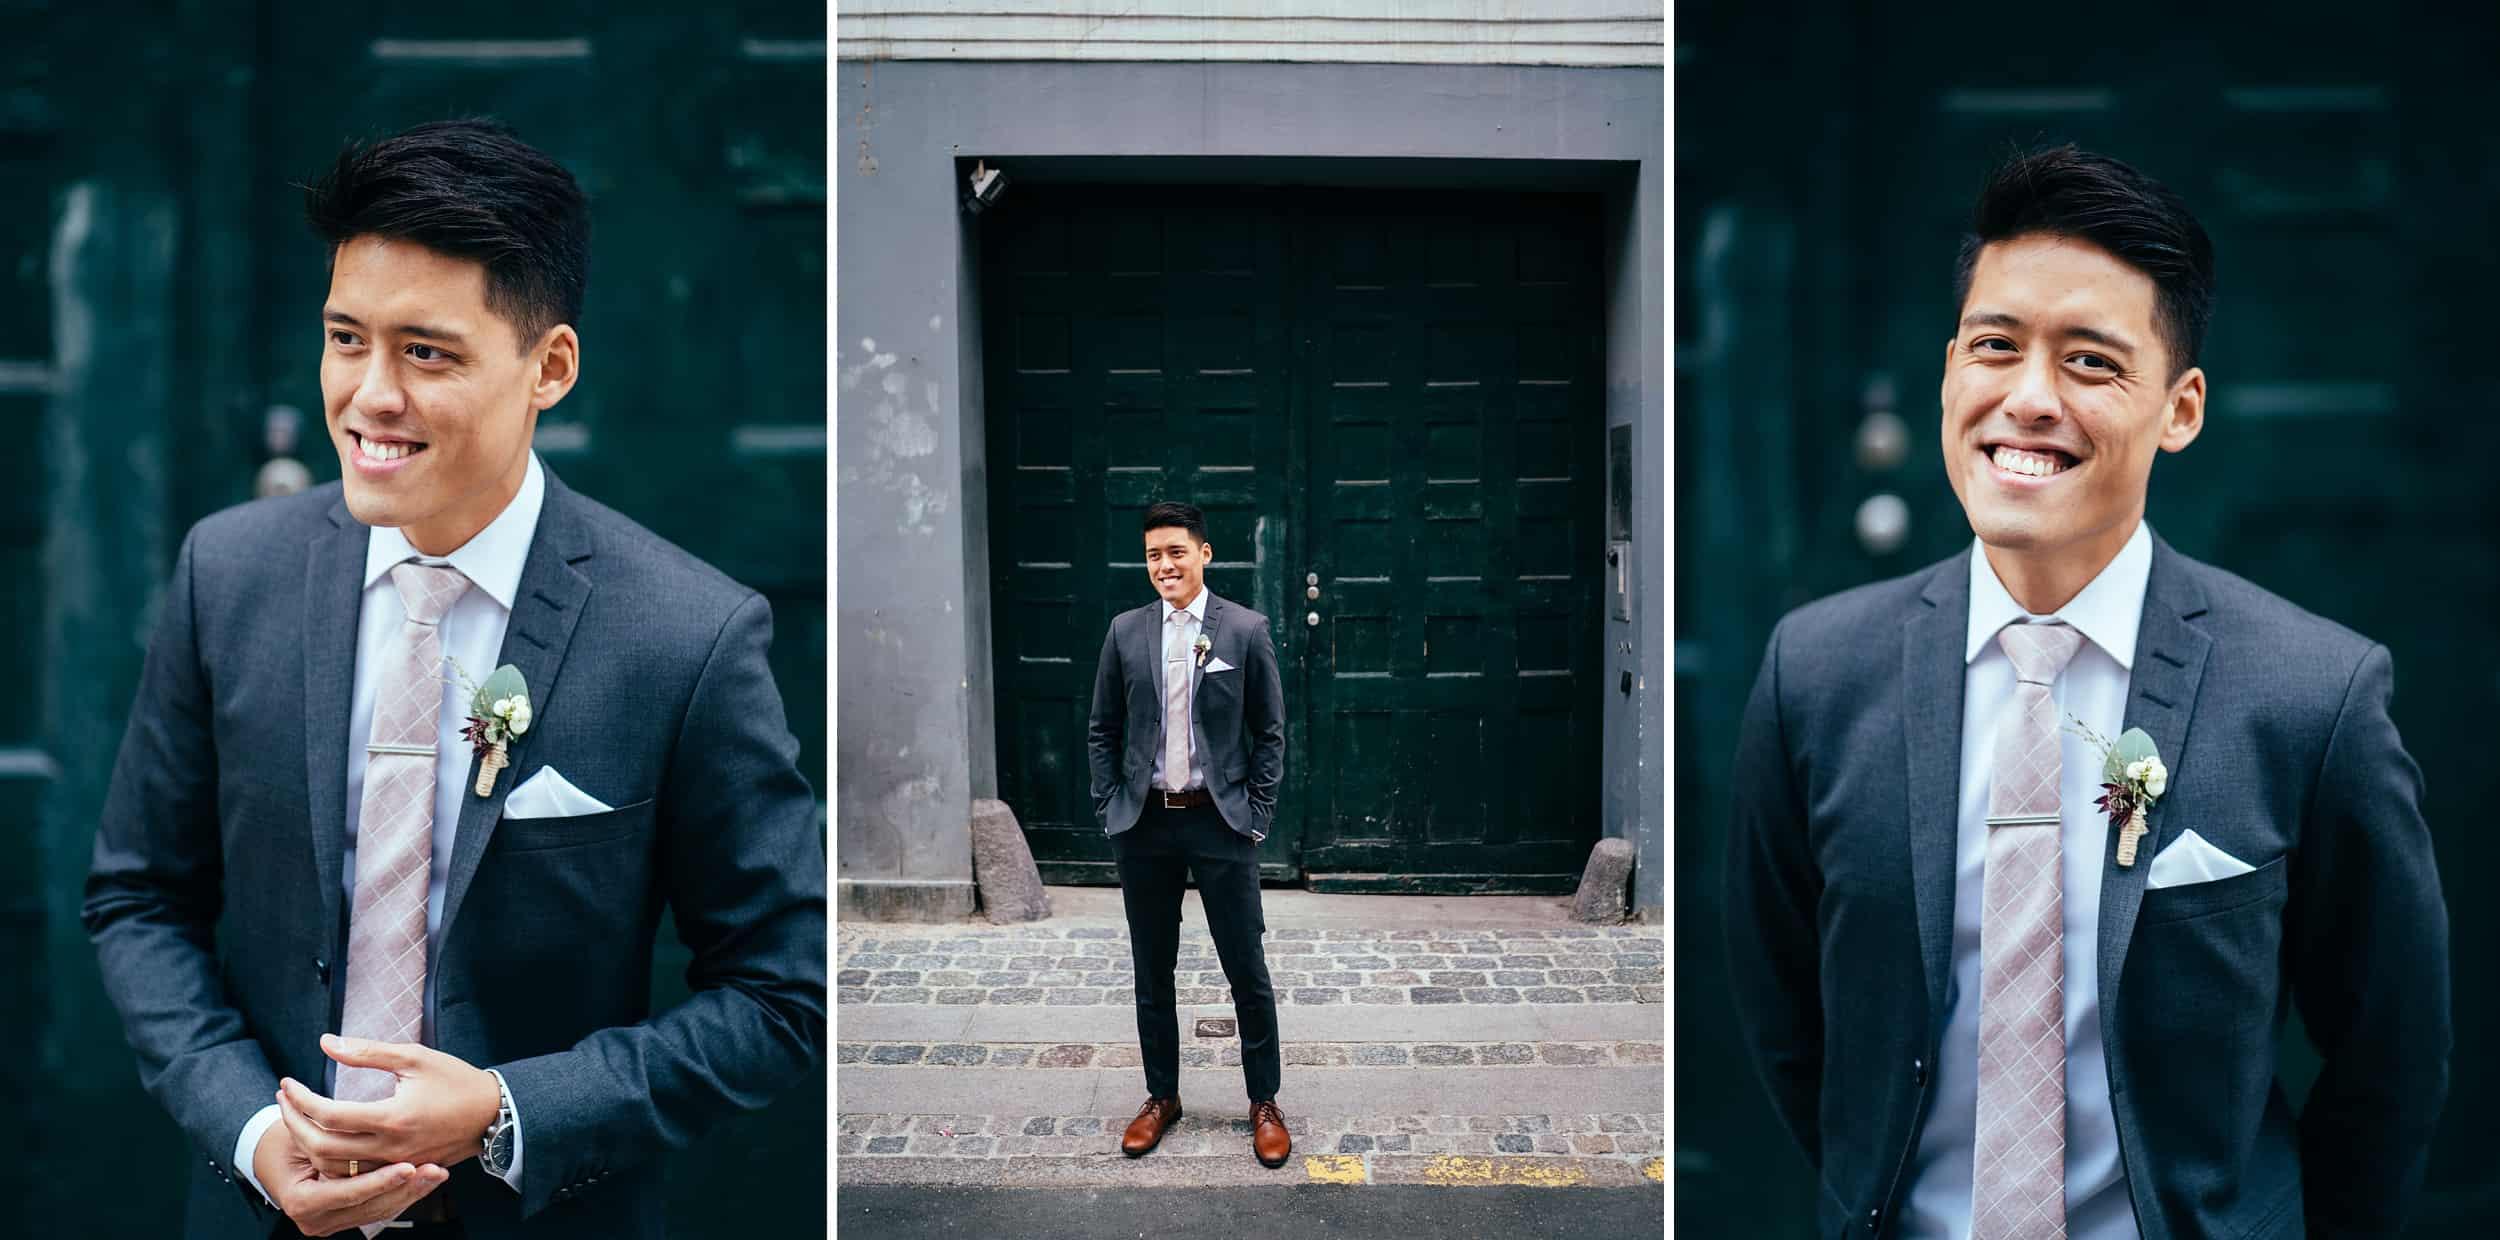 brudgom-i-københavn-portræt.jpg